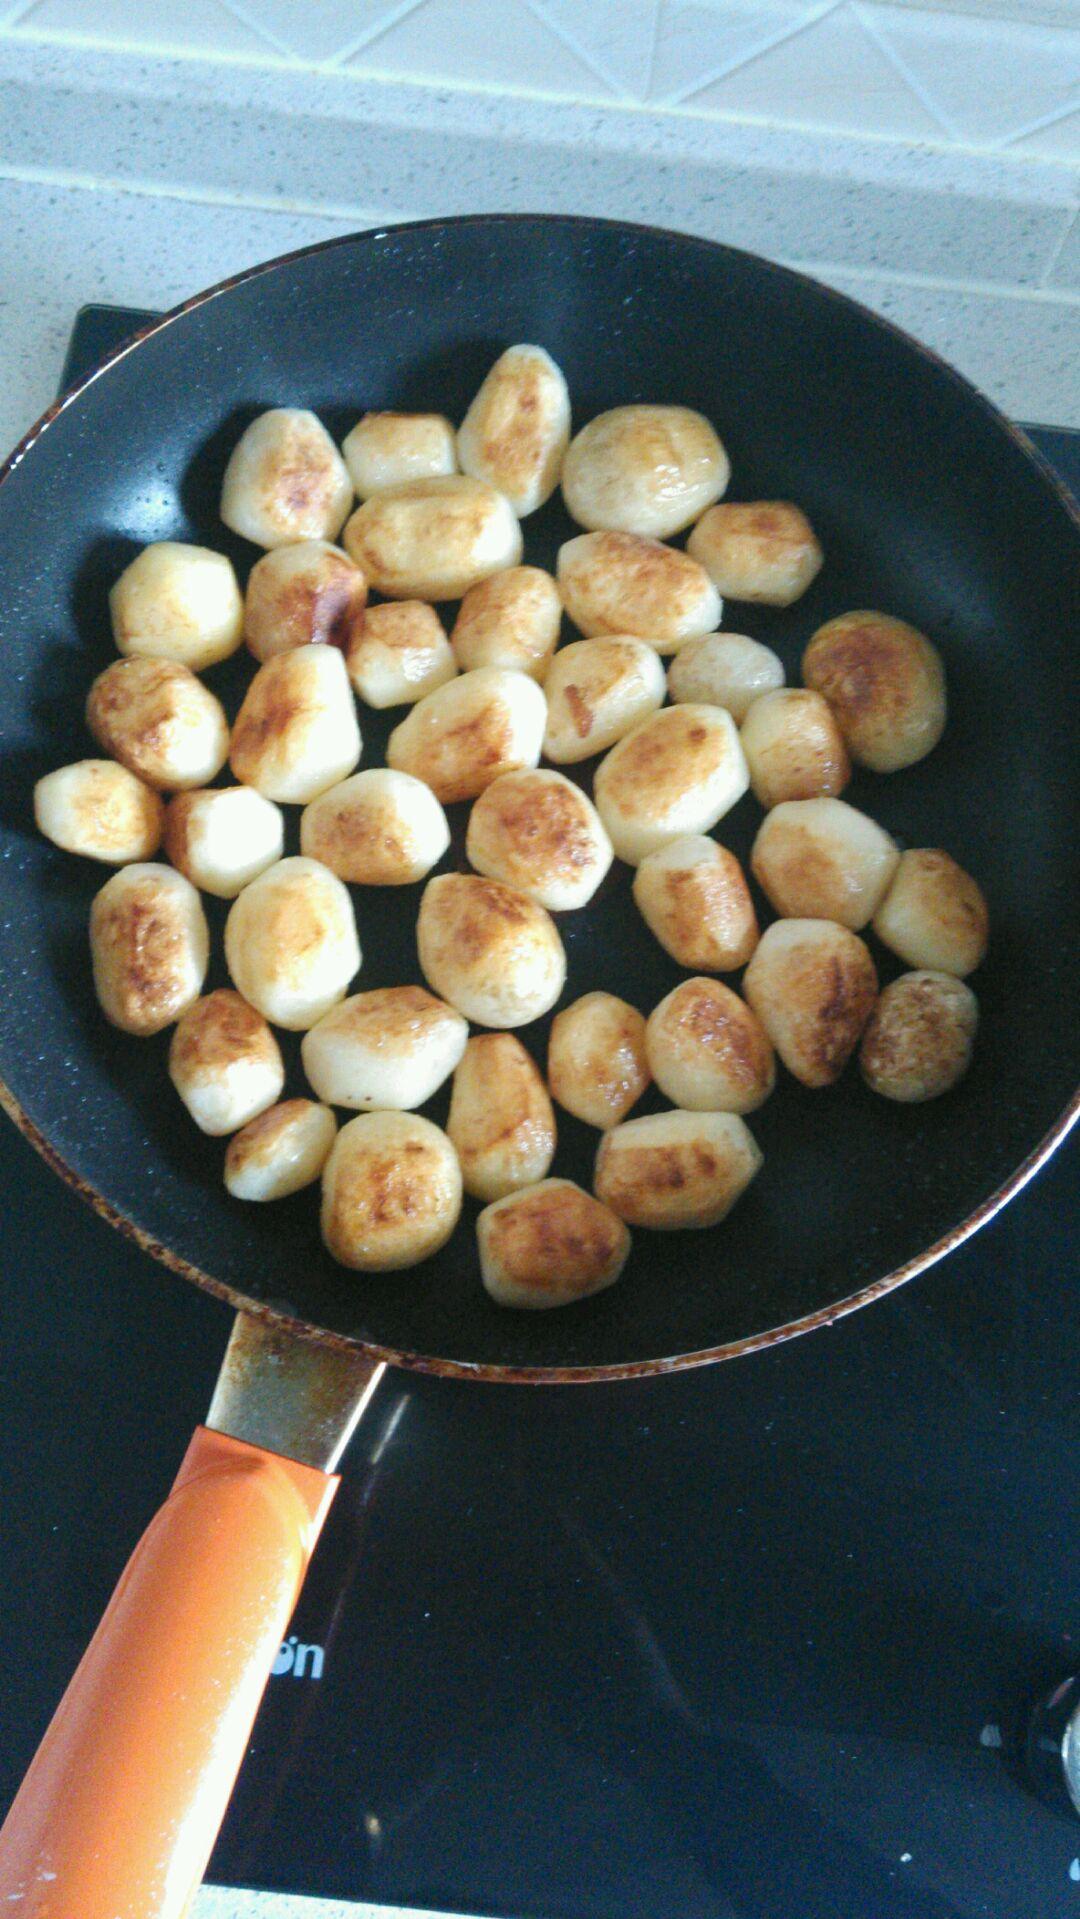 恩施炕土豆的做法图解3